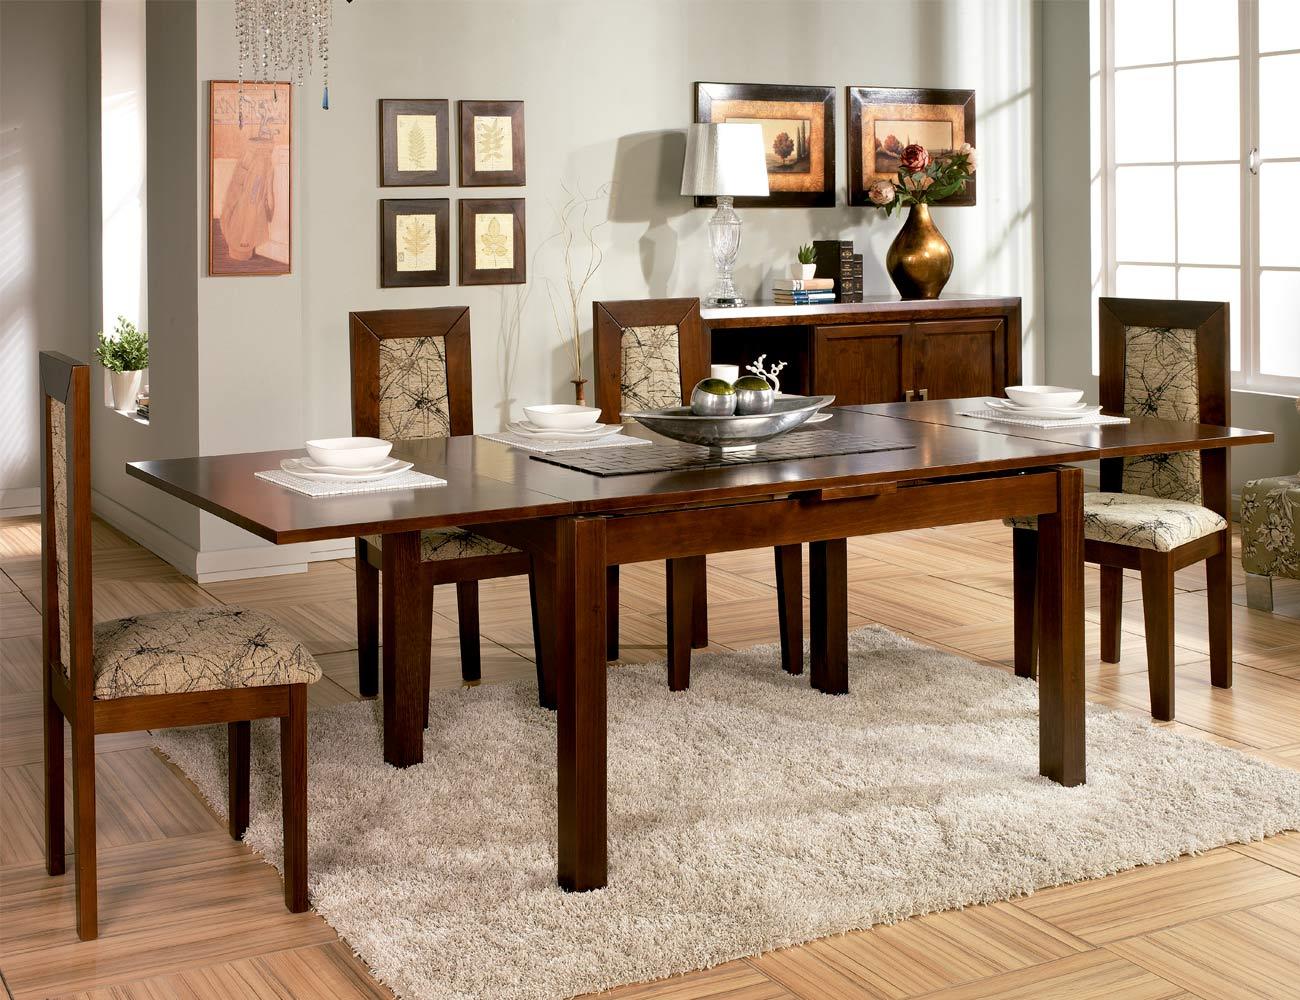 Composicion33 mesa salon comedor sillas tapizadas madera4